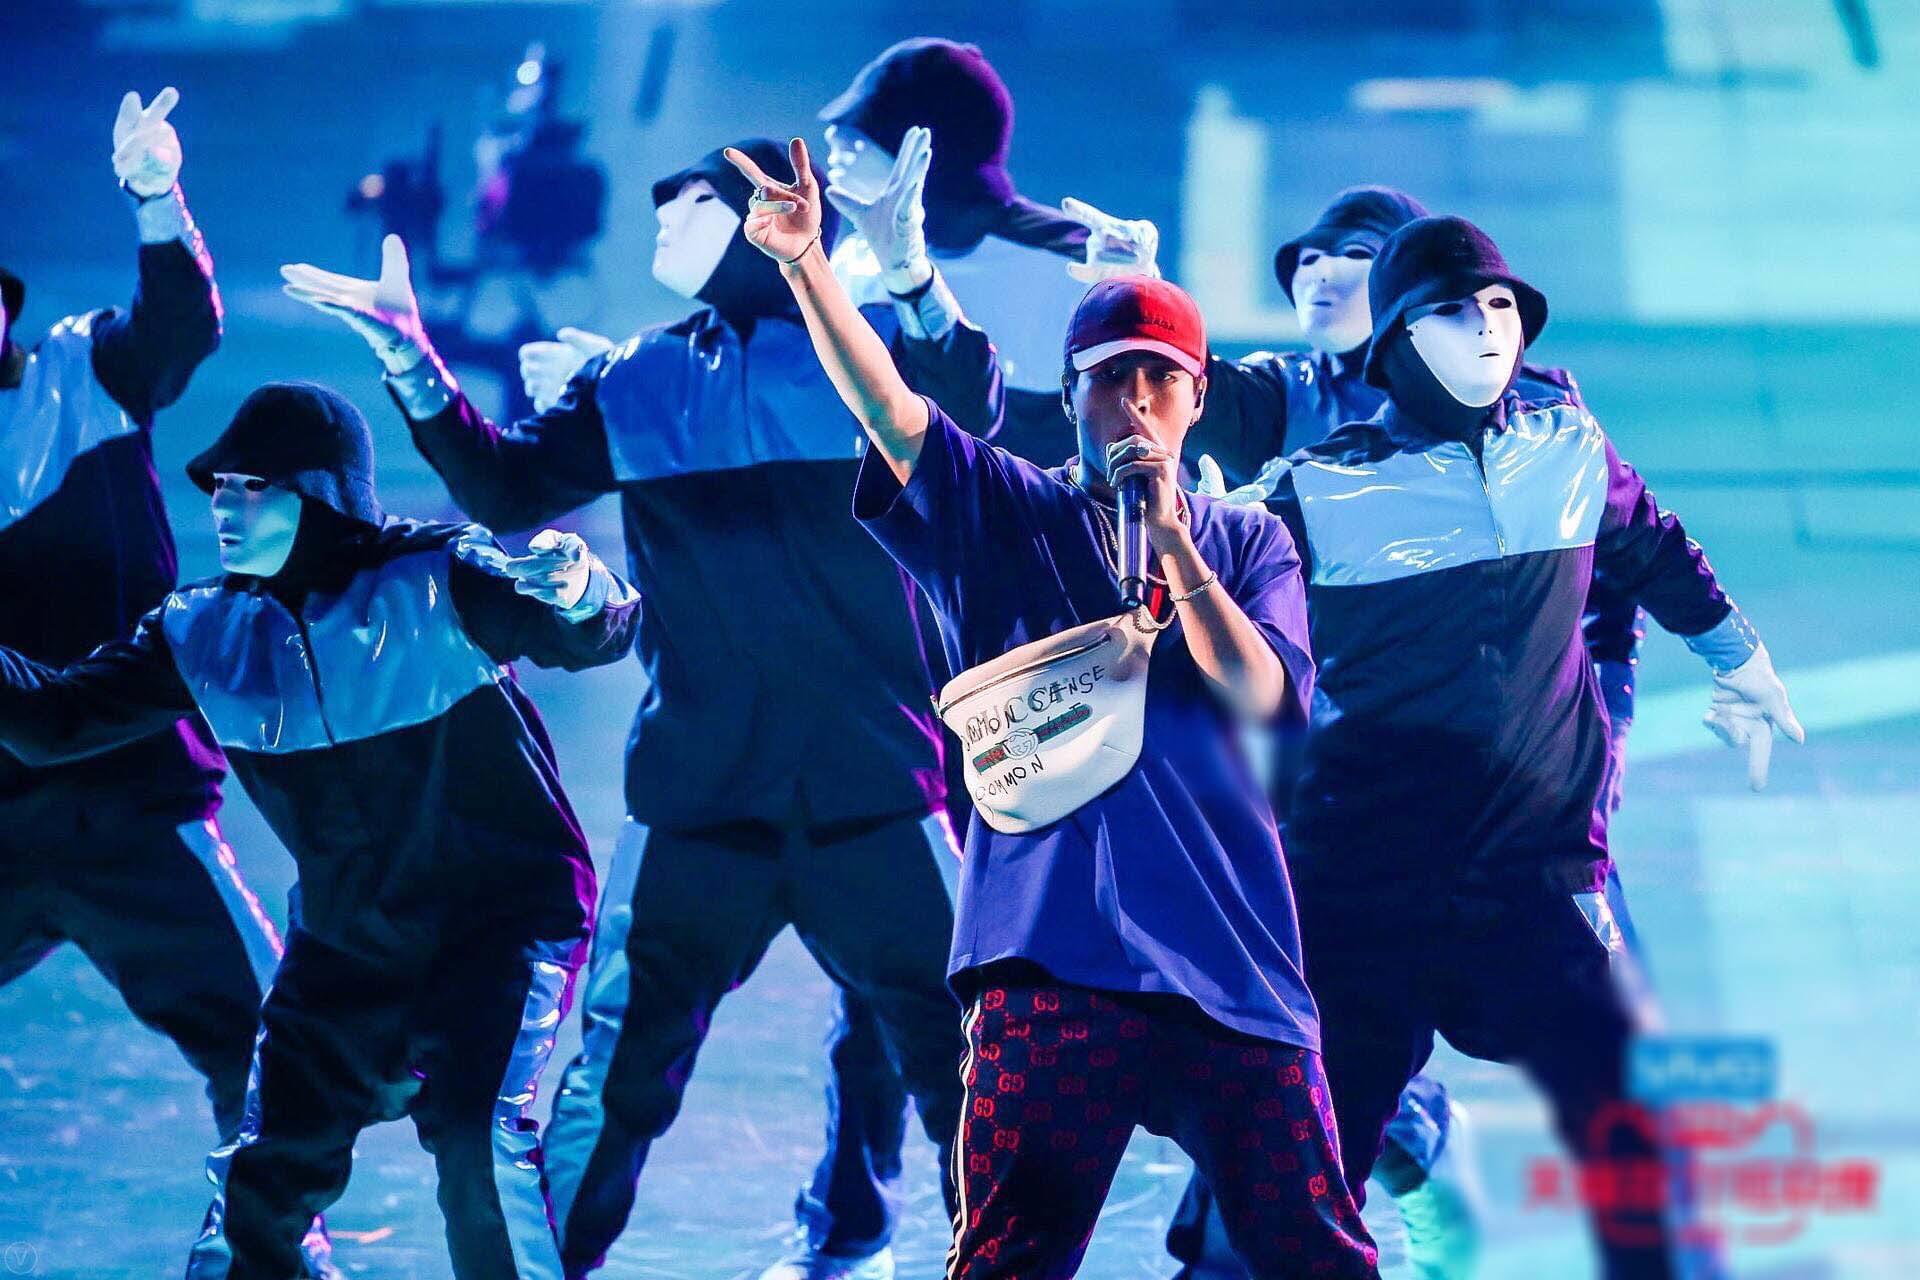 王嘉尔新歌舞台正能量 主持表演两不误